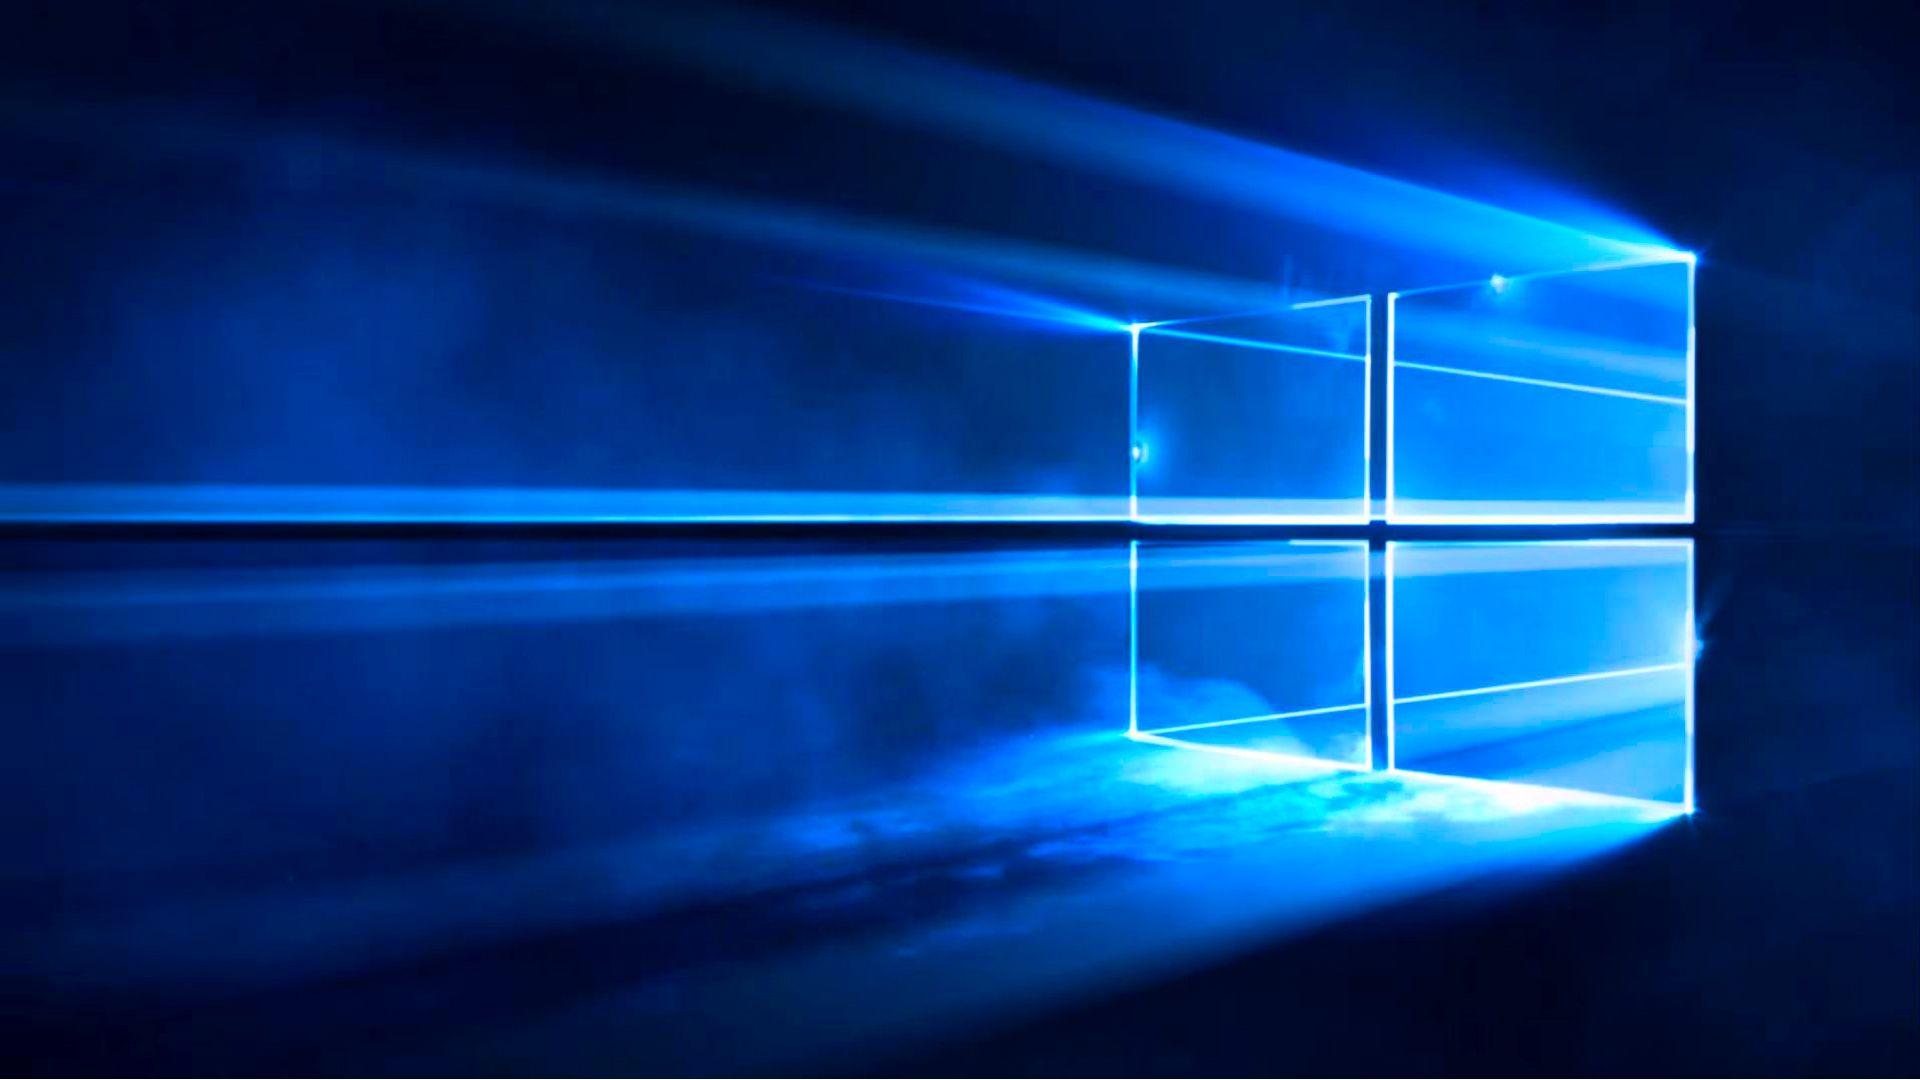 Best Windows 10 HD wallpaper - Mytechshout - Blogging , Technology ...